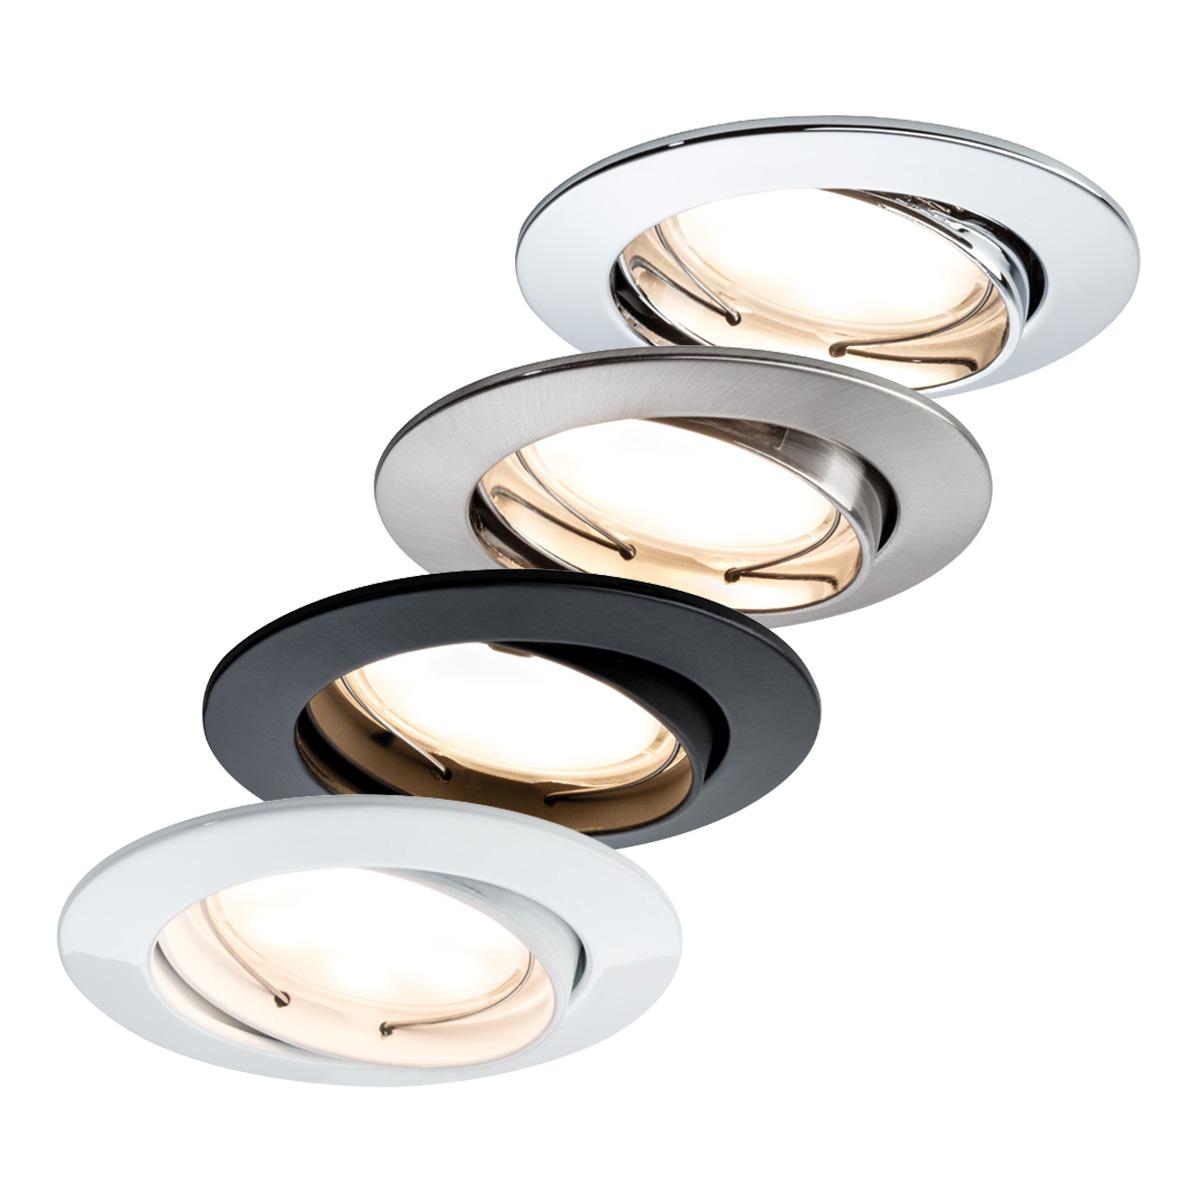 paulmann einbauleuchte premium led set coin rund schwenkbar satiniert 6 8w 51mm. Black Bedroom Furniture Sets. Home Design Ideas